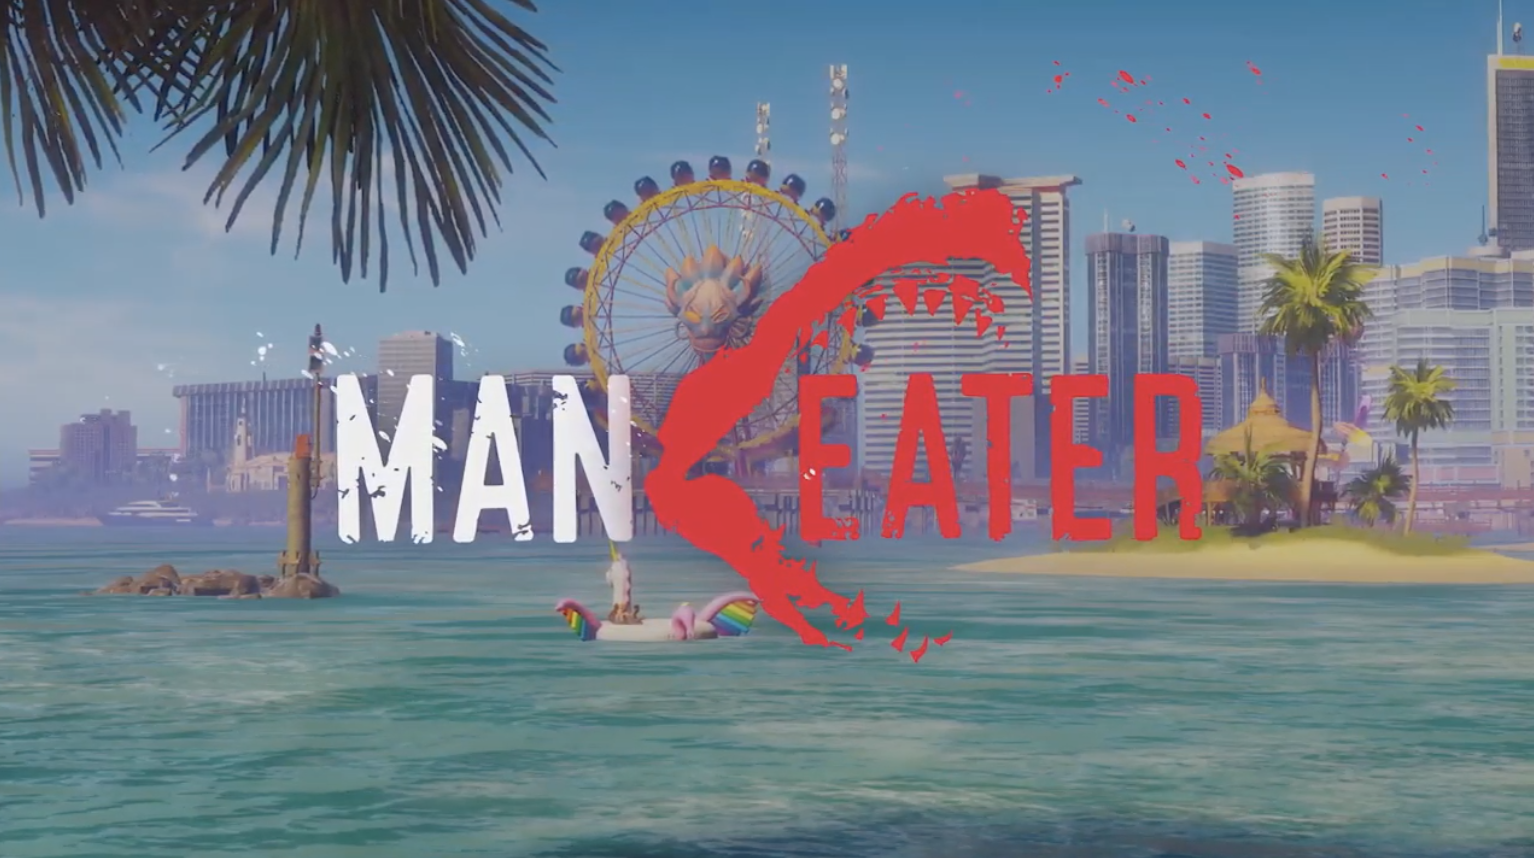 サメゲーム「MAN EATER」発売日はいつ?予約特典と最新情報